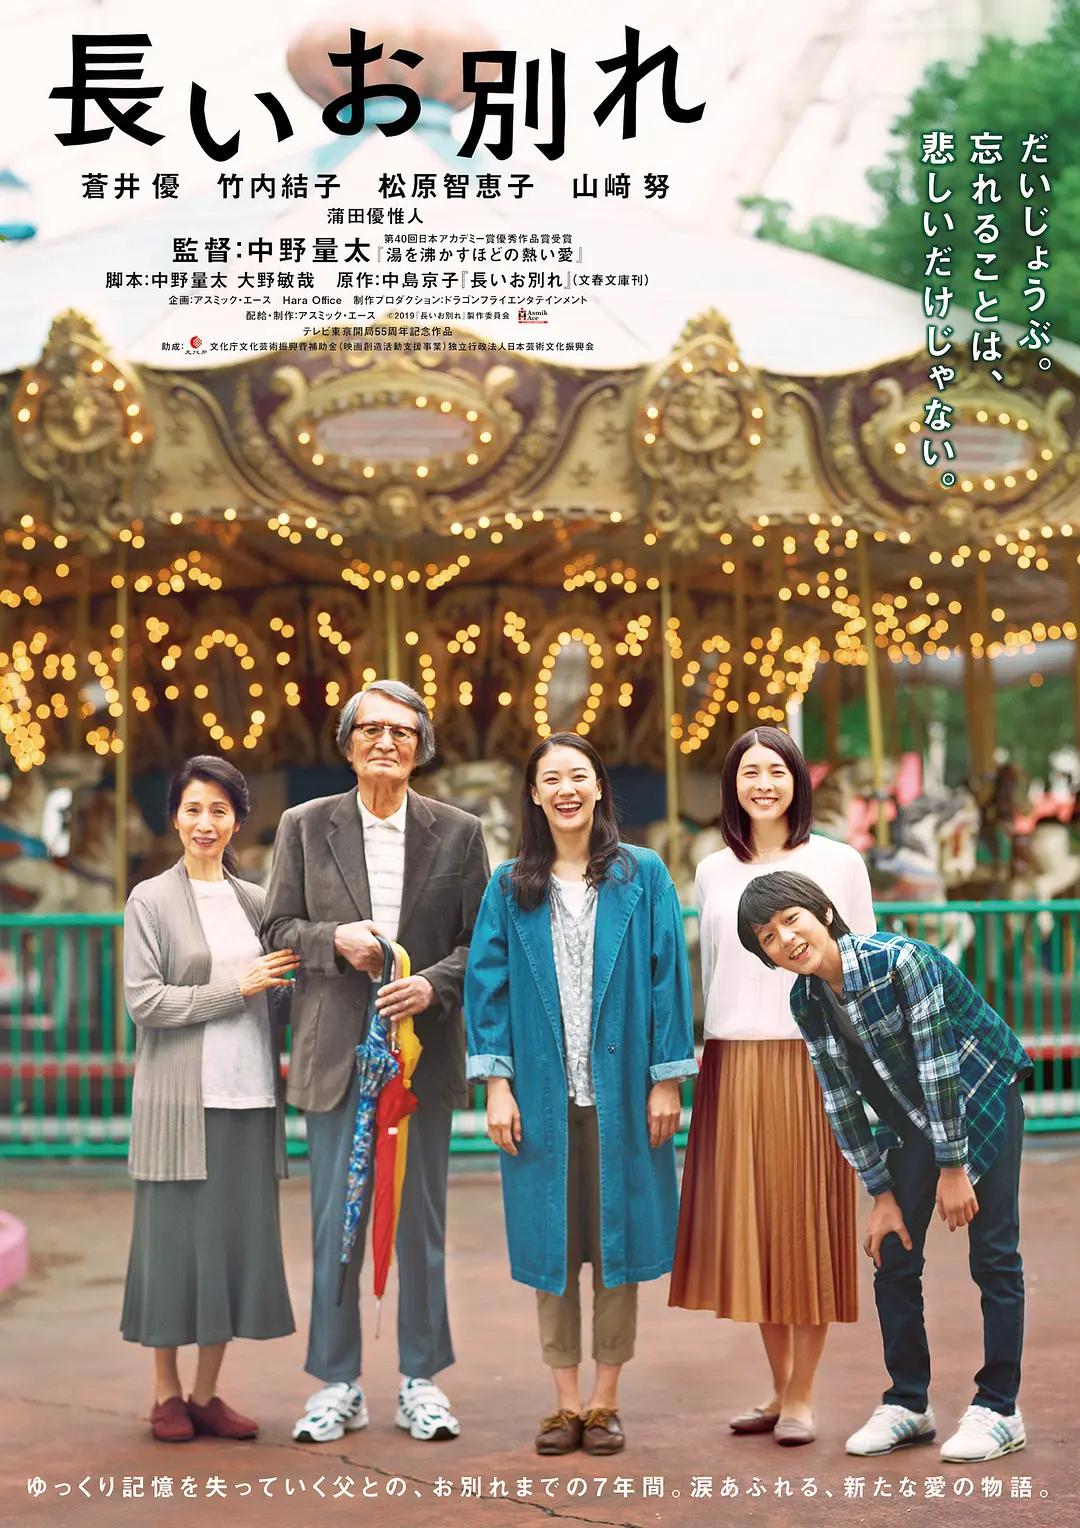 去年在上海国际电影节看了演员竹内结子主演的电影《漫长的告别》